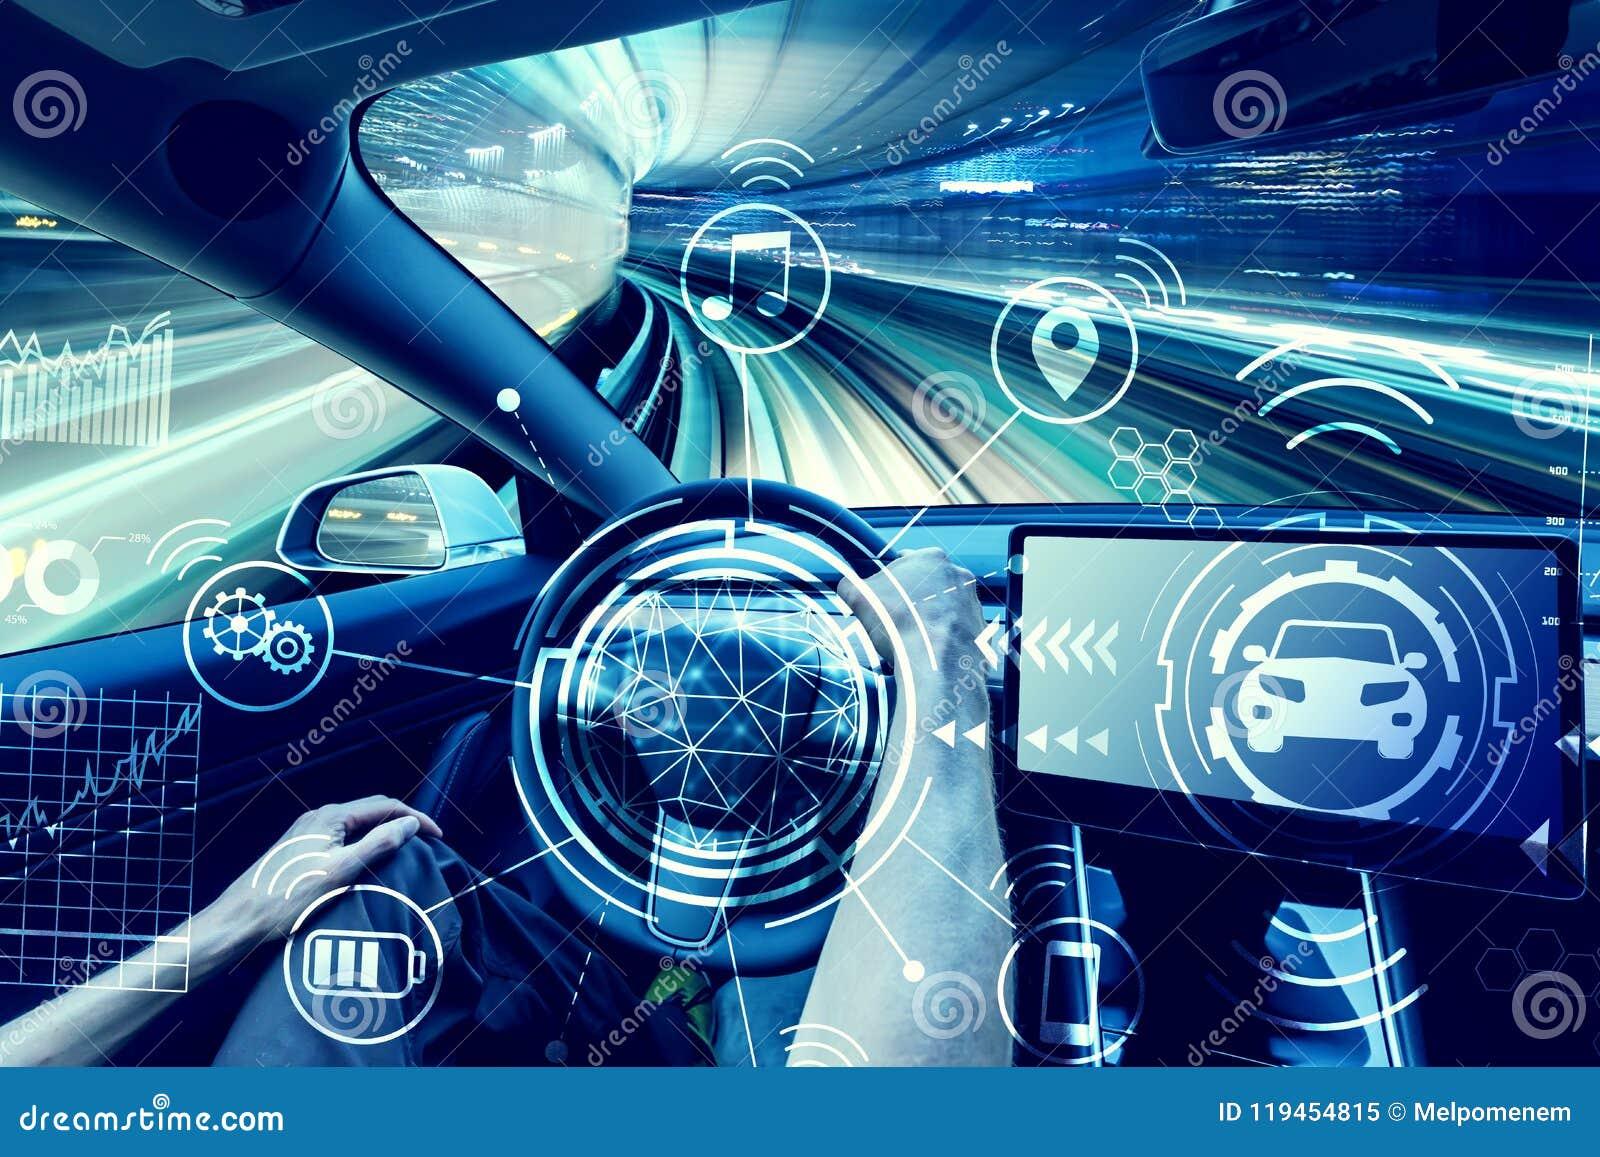 Πρόσωπο που οδηγεί ένα νέο ηλεκτρικό όχημα